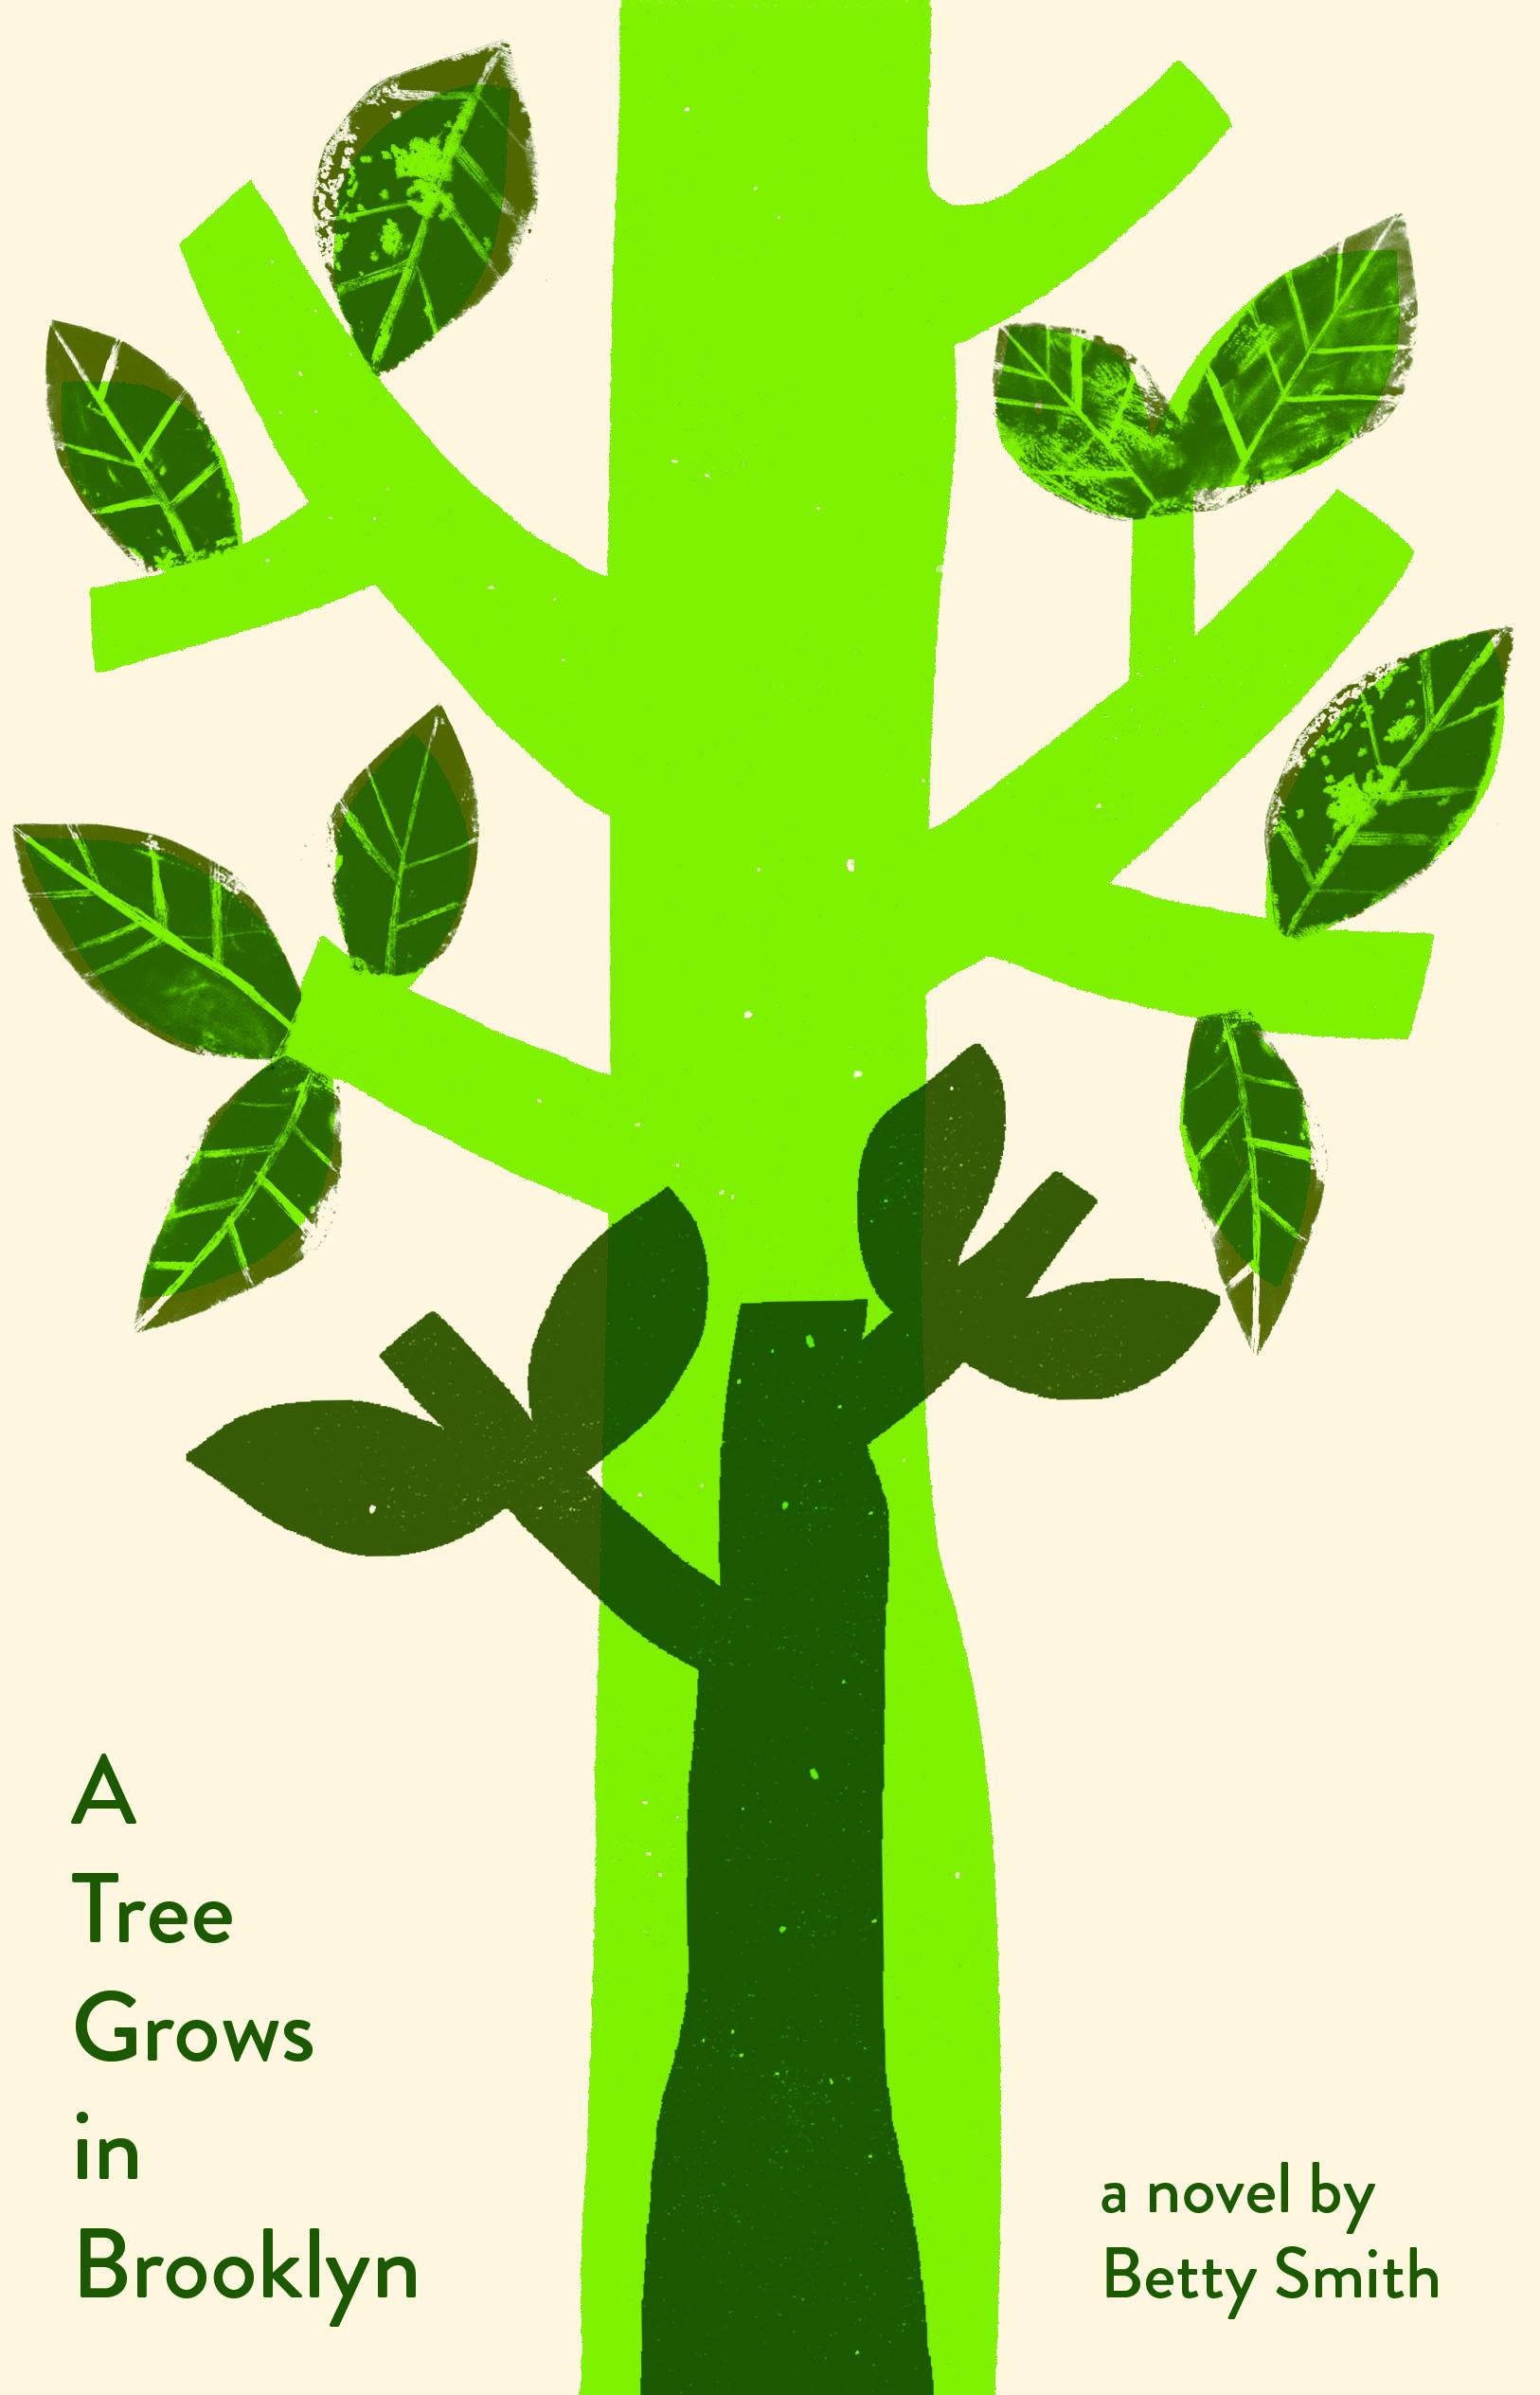 A tree grows in brooklyn op2 type.jpg